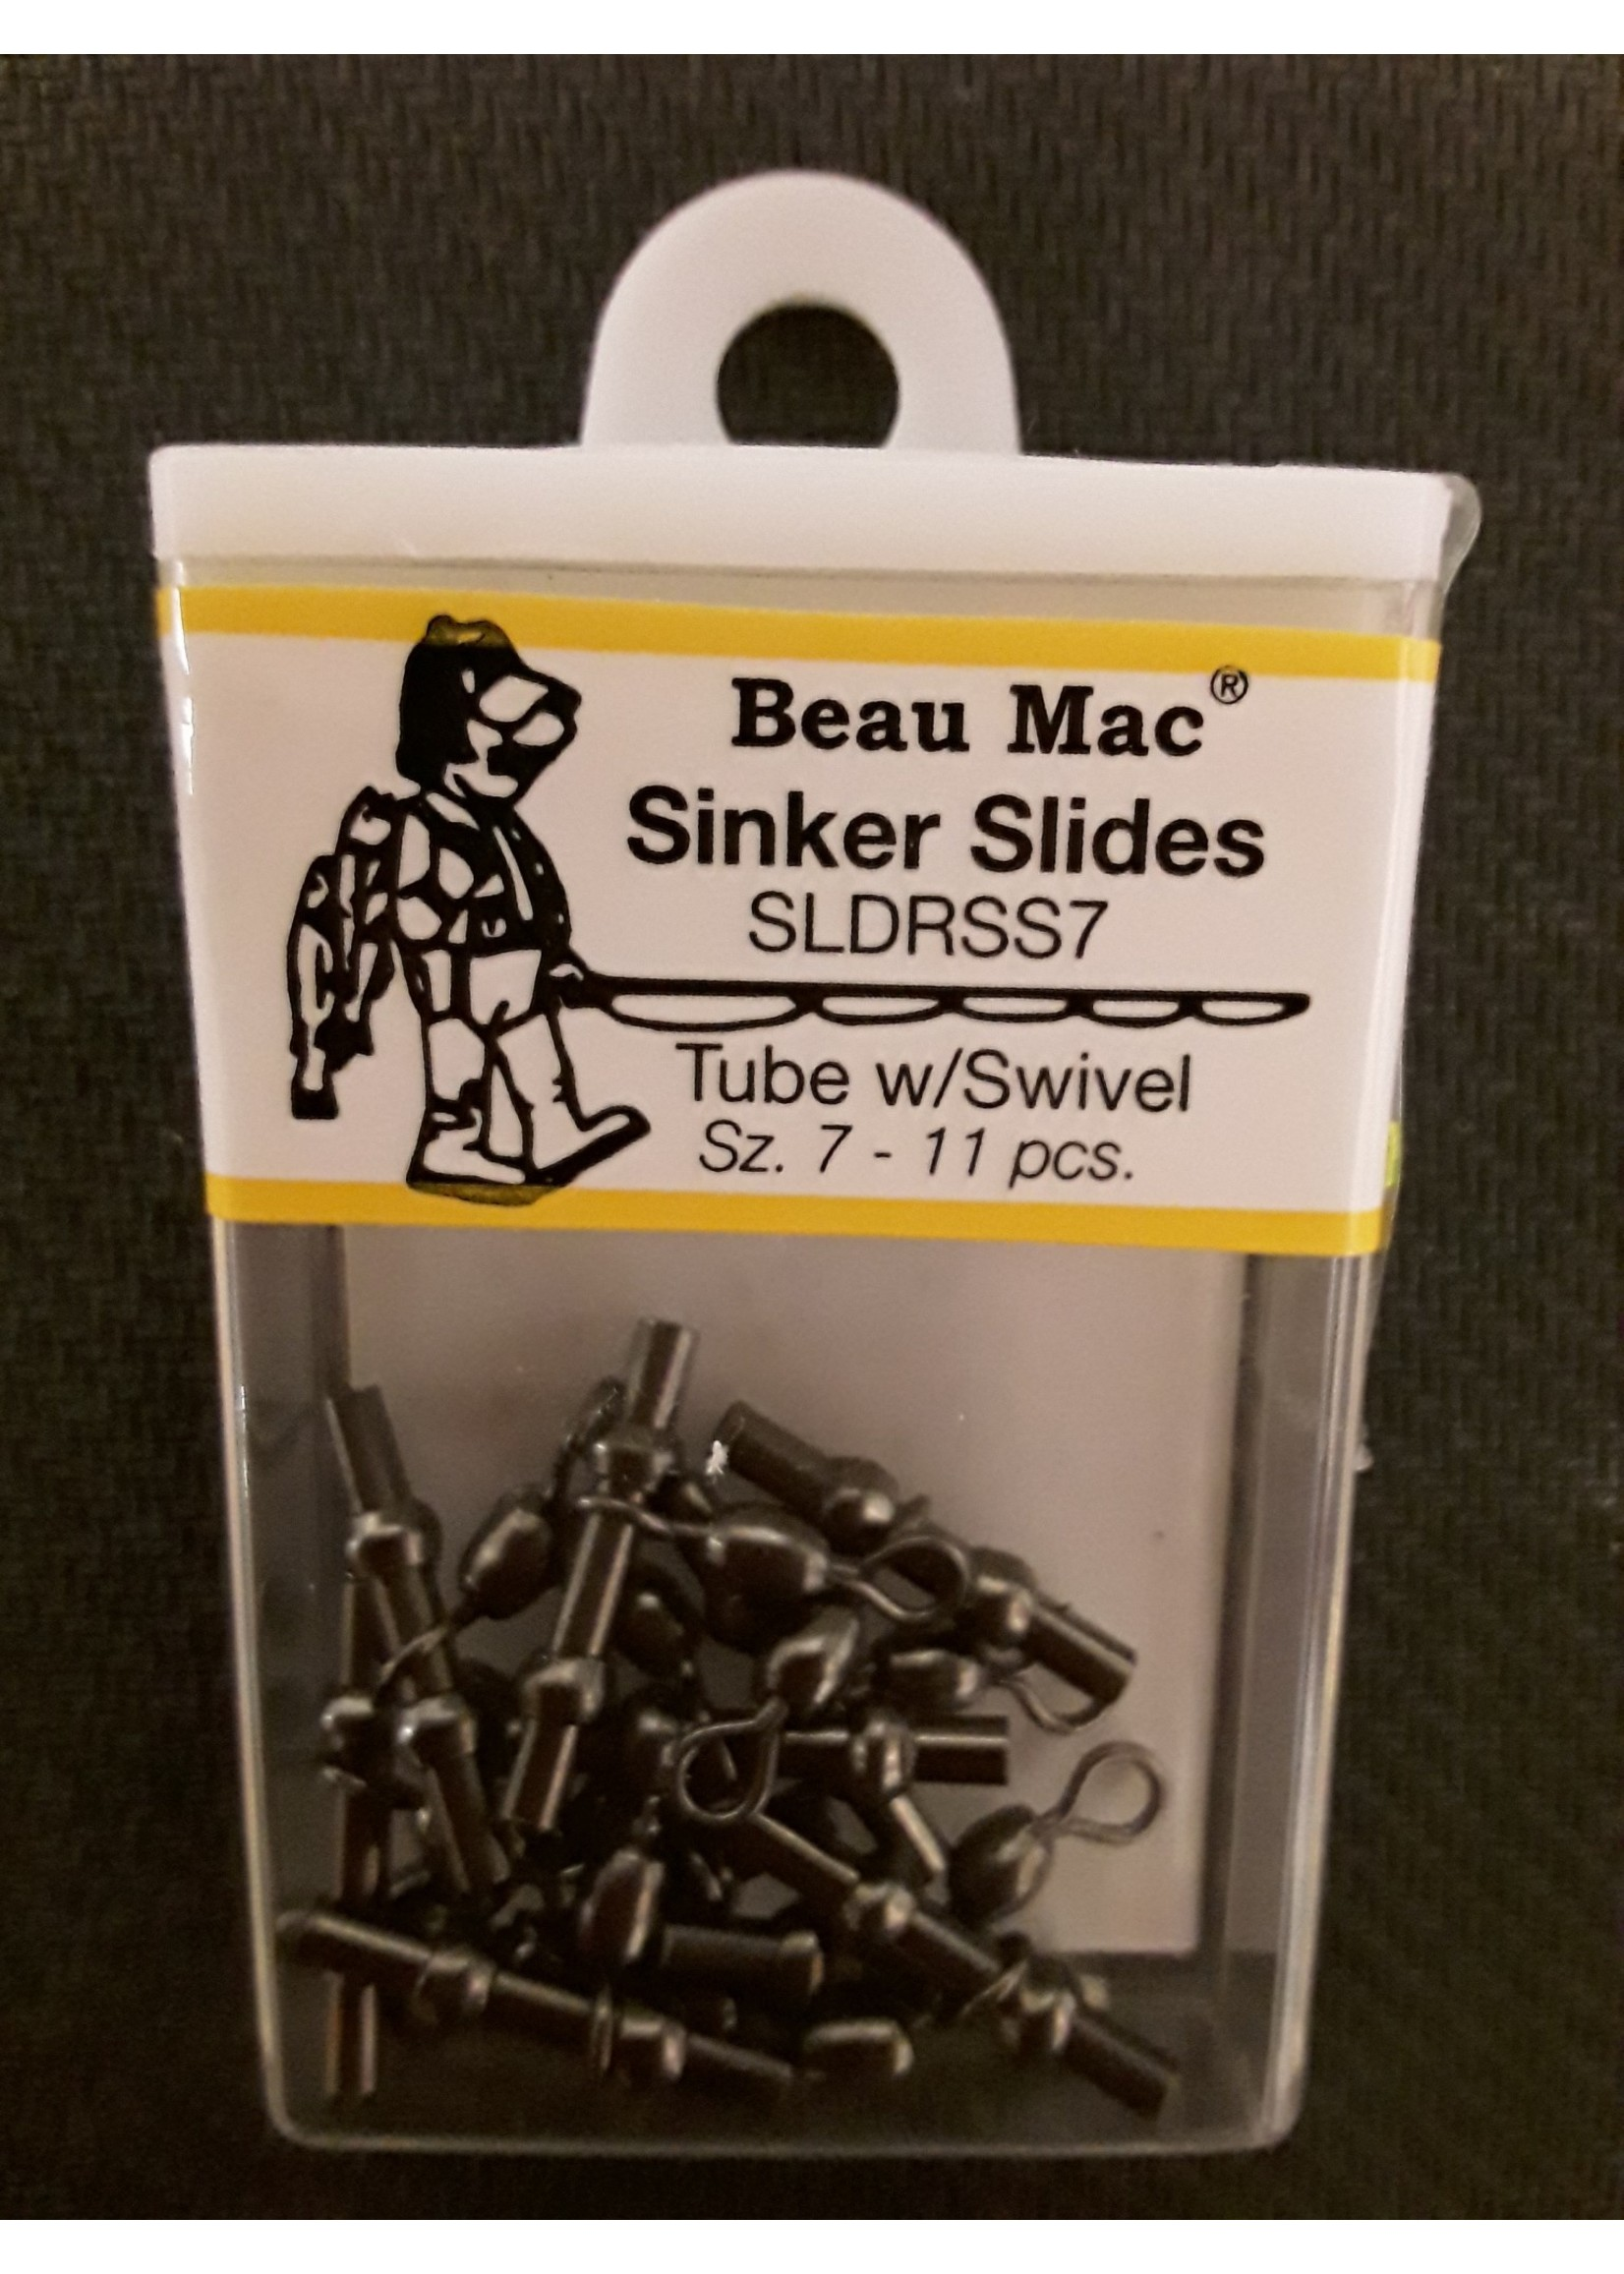 Beau Mac Enterprises Beau Mac Sinker Slider Lrg Tube w/sz 7